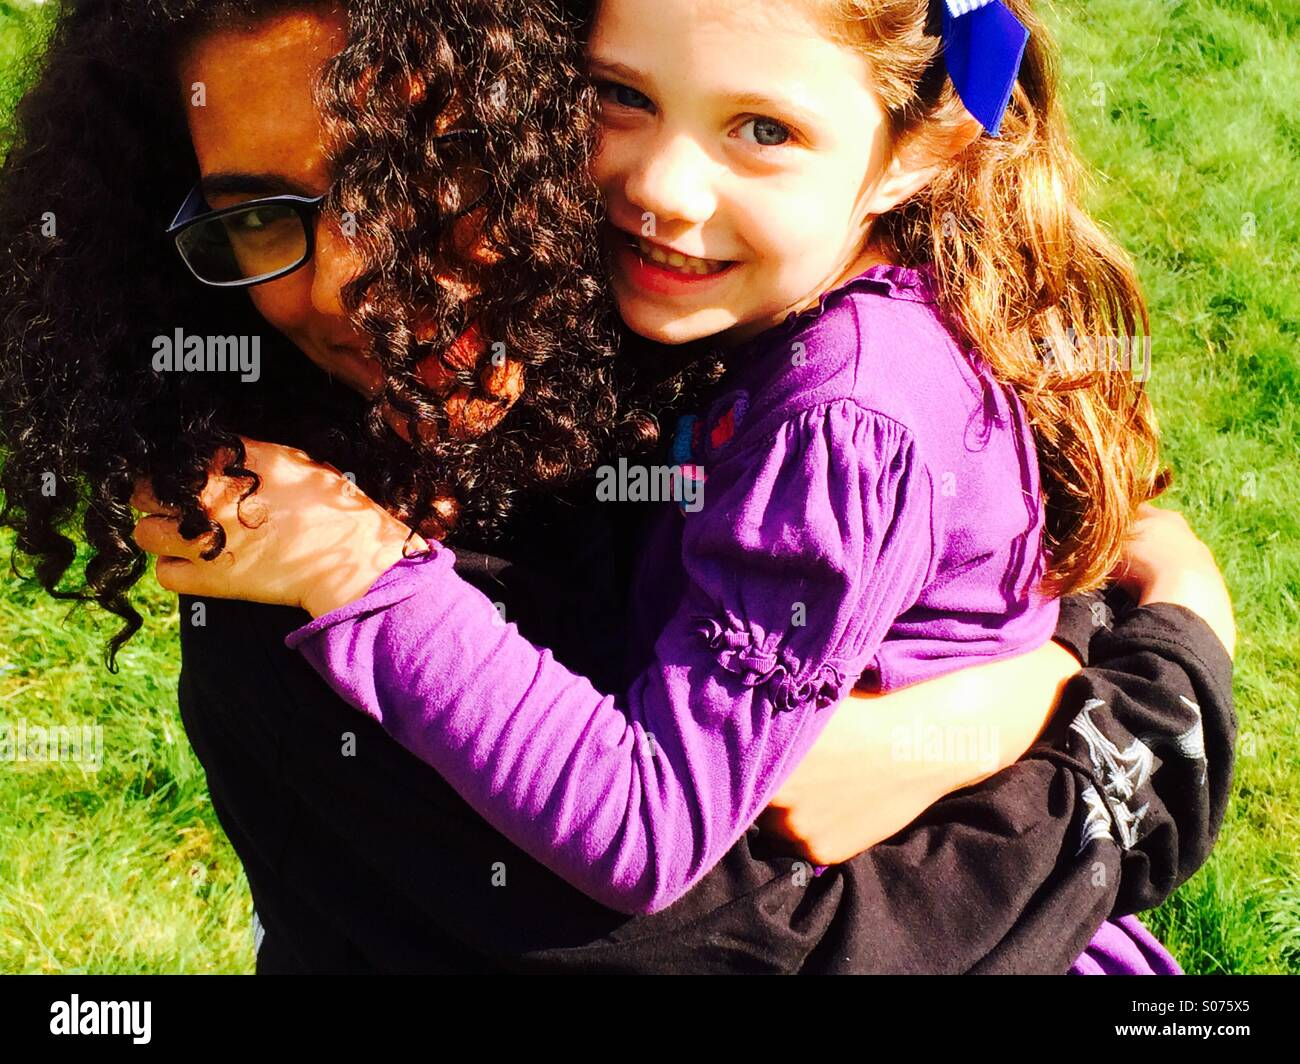 Niña de 13 años y 5 años de edad, niña abrazando Imagen De Stock